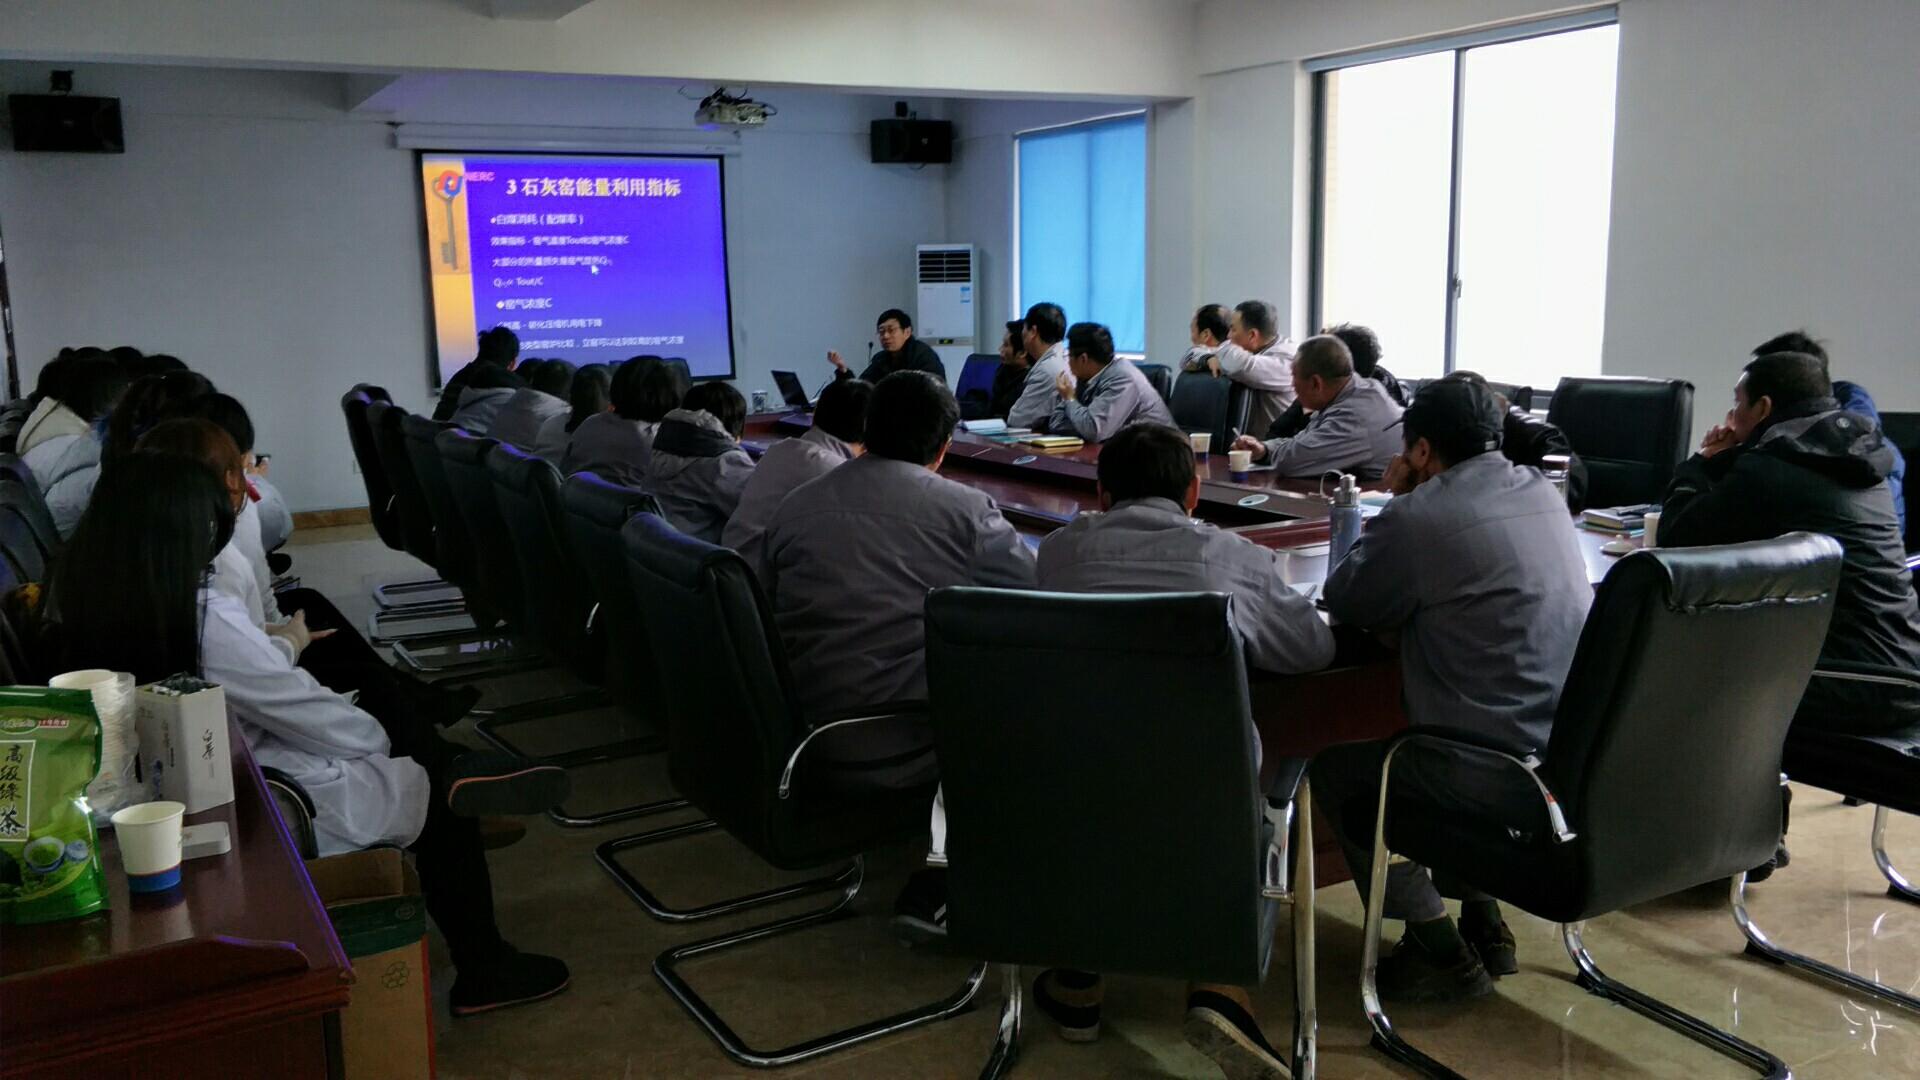 2019年1月4日国家粉体研究中心吴秋芳教授给我司指导培训湖北快3走势图知识技能。